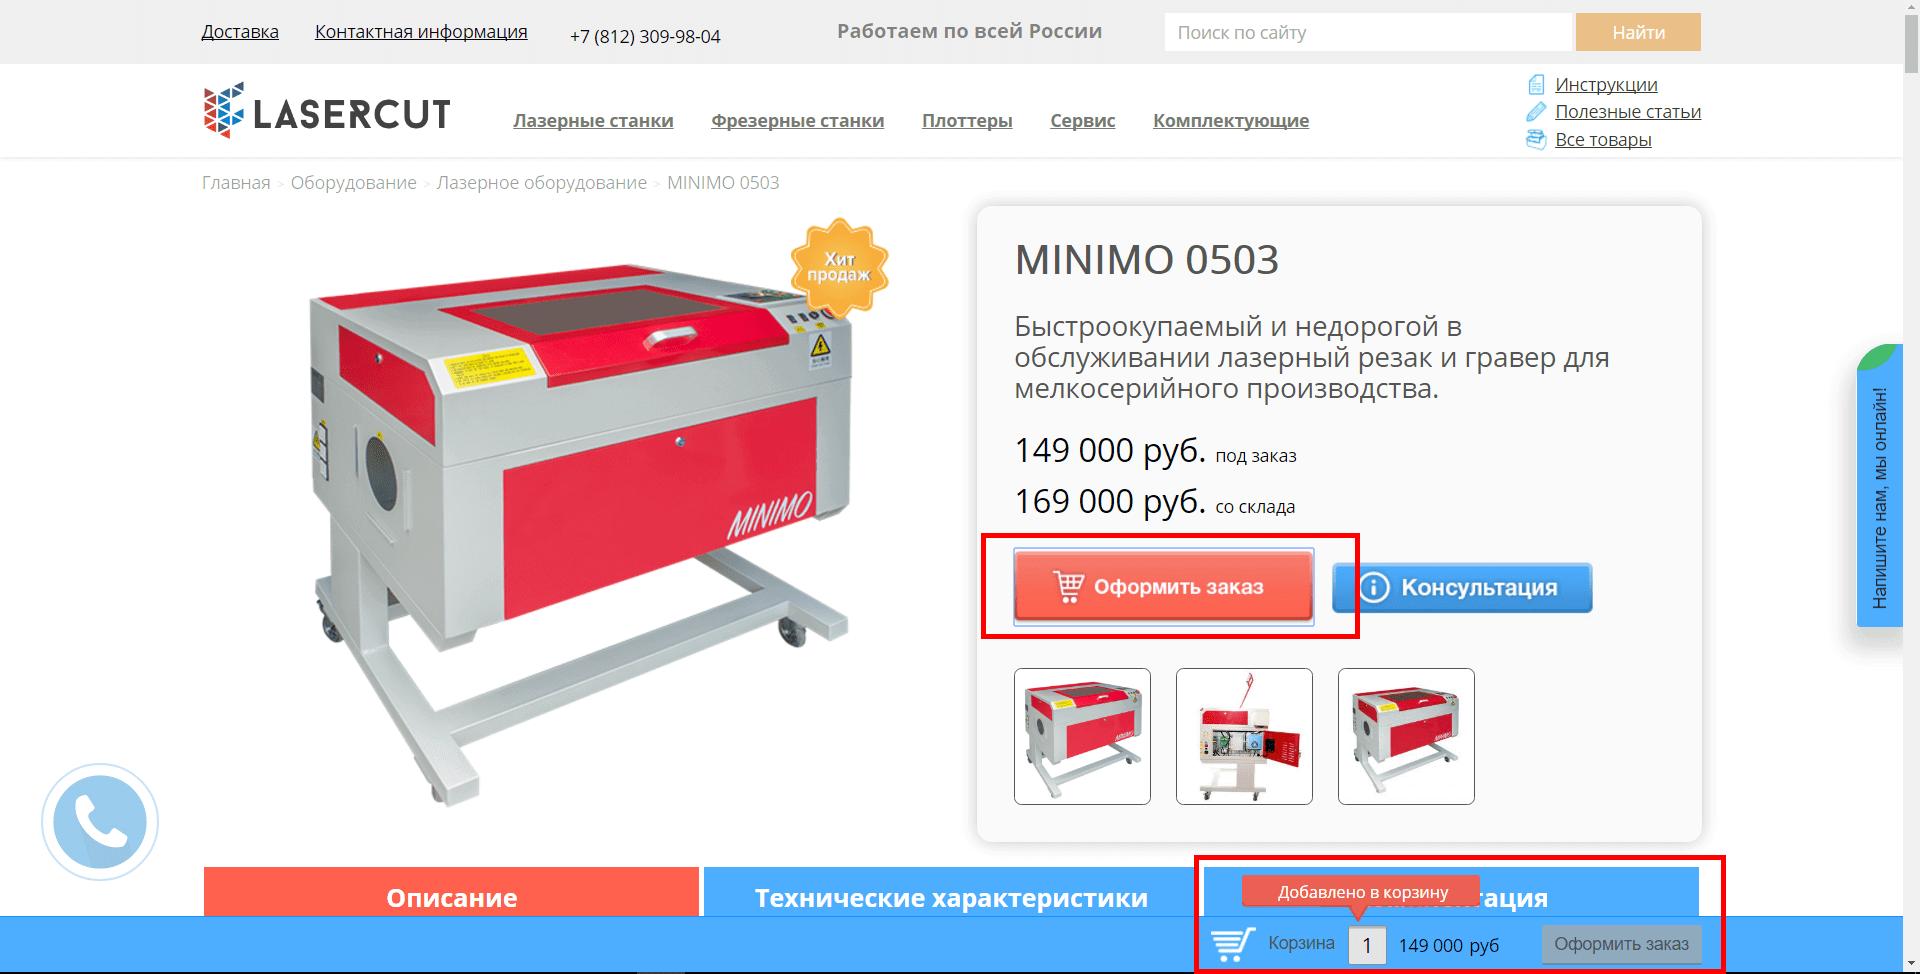 Оформление_заказа-min.png